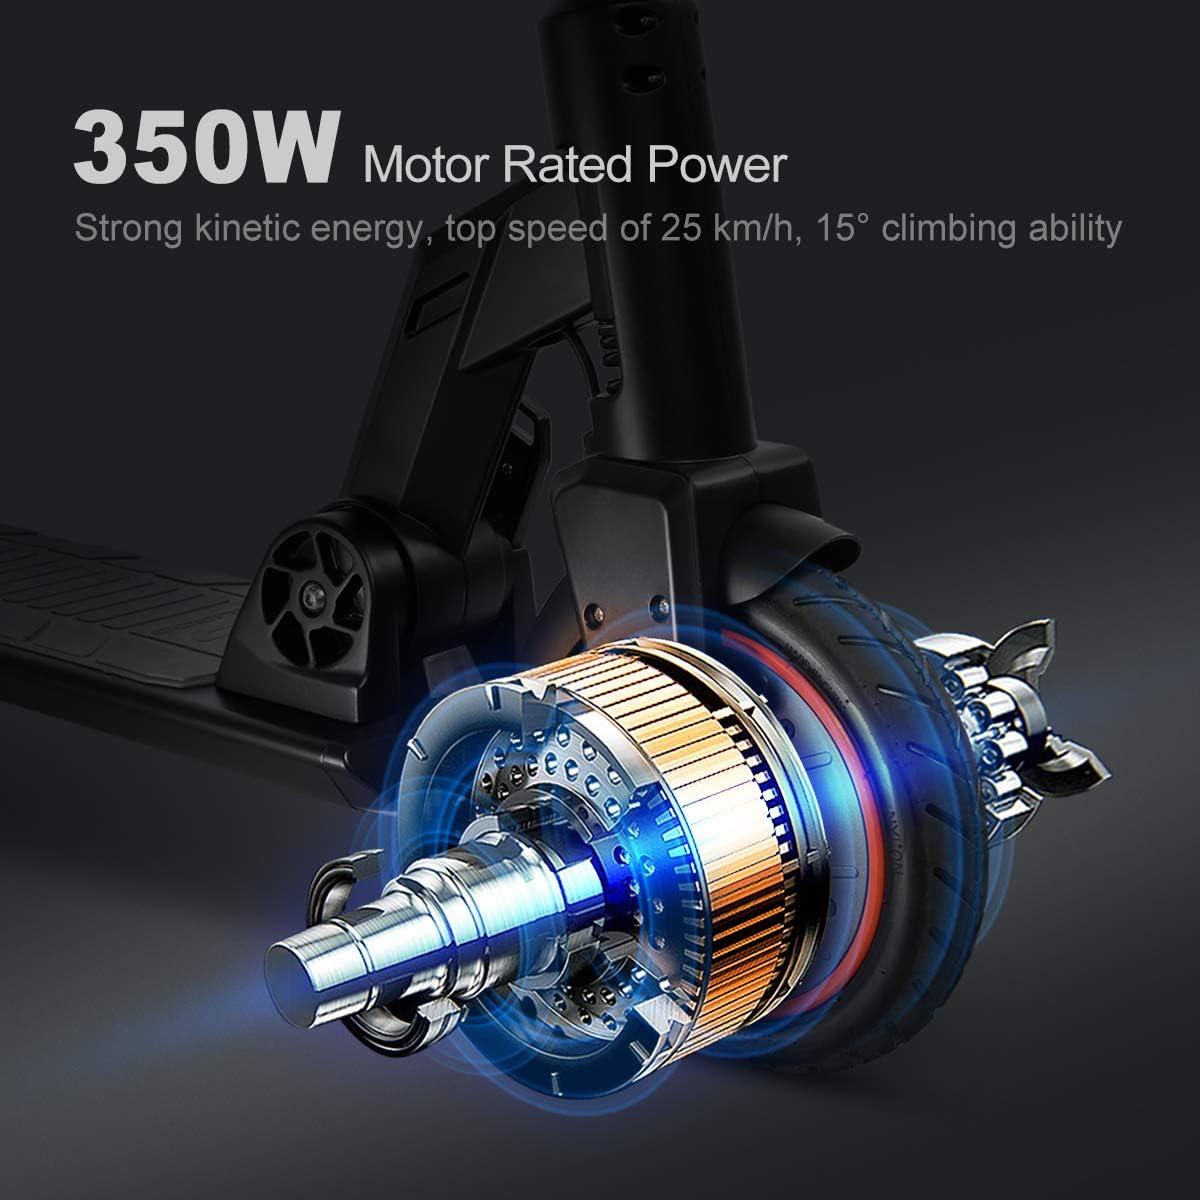 urbetter Trottinette /électrique 30km la Longue port/ée M2 Pro Moteur de 350 W avec /écran LCD,Trottinette Adulte Pliable /électrique Vitesse jusqu/à 30 km//h